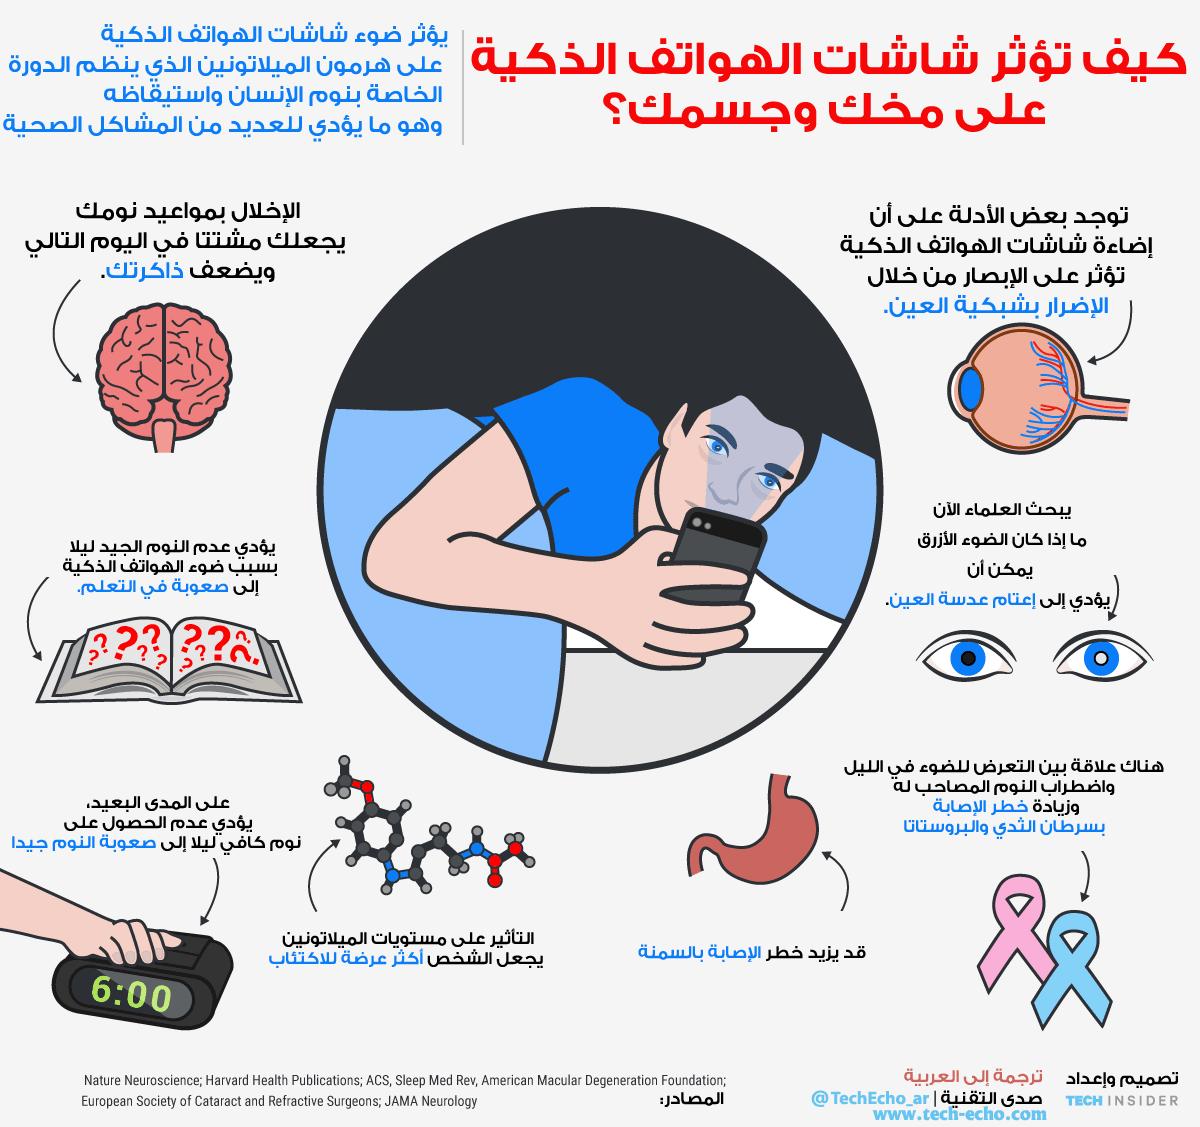 كيف تؤثر إضاءة شاشات الهواتف الذكية على مخك وجسمك؟ (انفوجرافيك) https://t.co/DElGKUqcrX https://t.co/iRNJ03NaDg